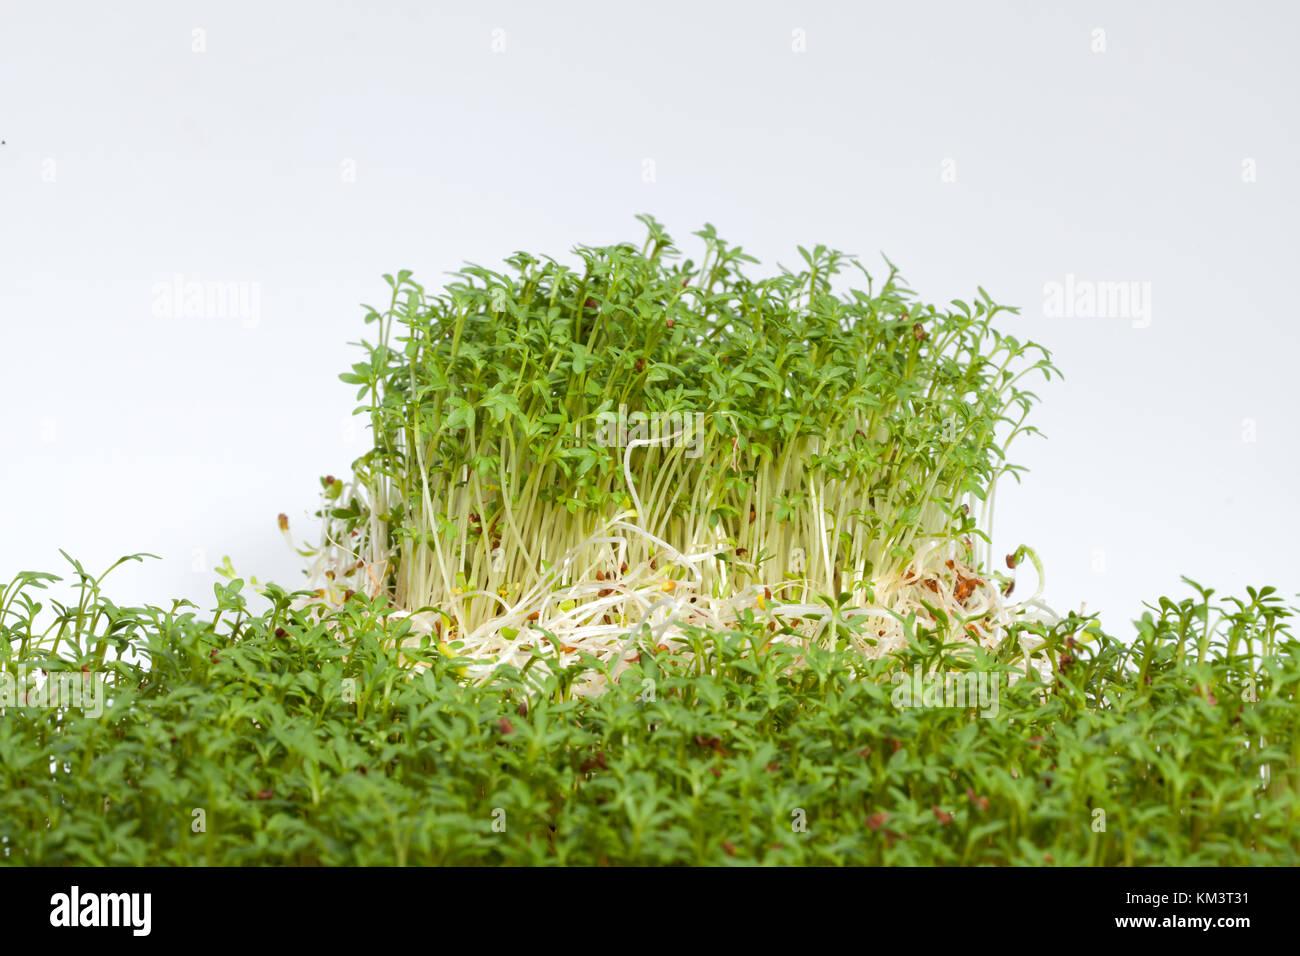 Ganz und zu Extrem Frische Alfalfa Sprossen und Kresse auf weißem Hintergrund @QH_46